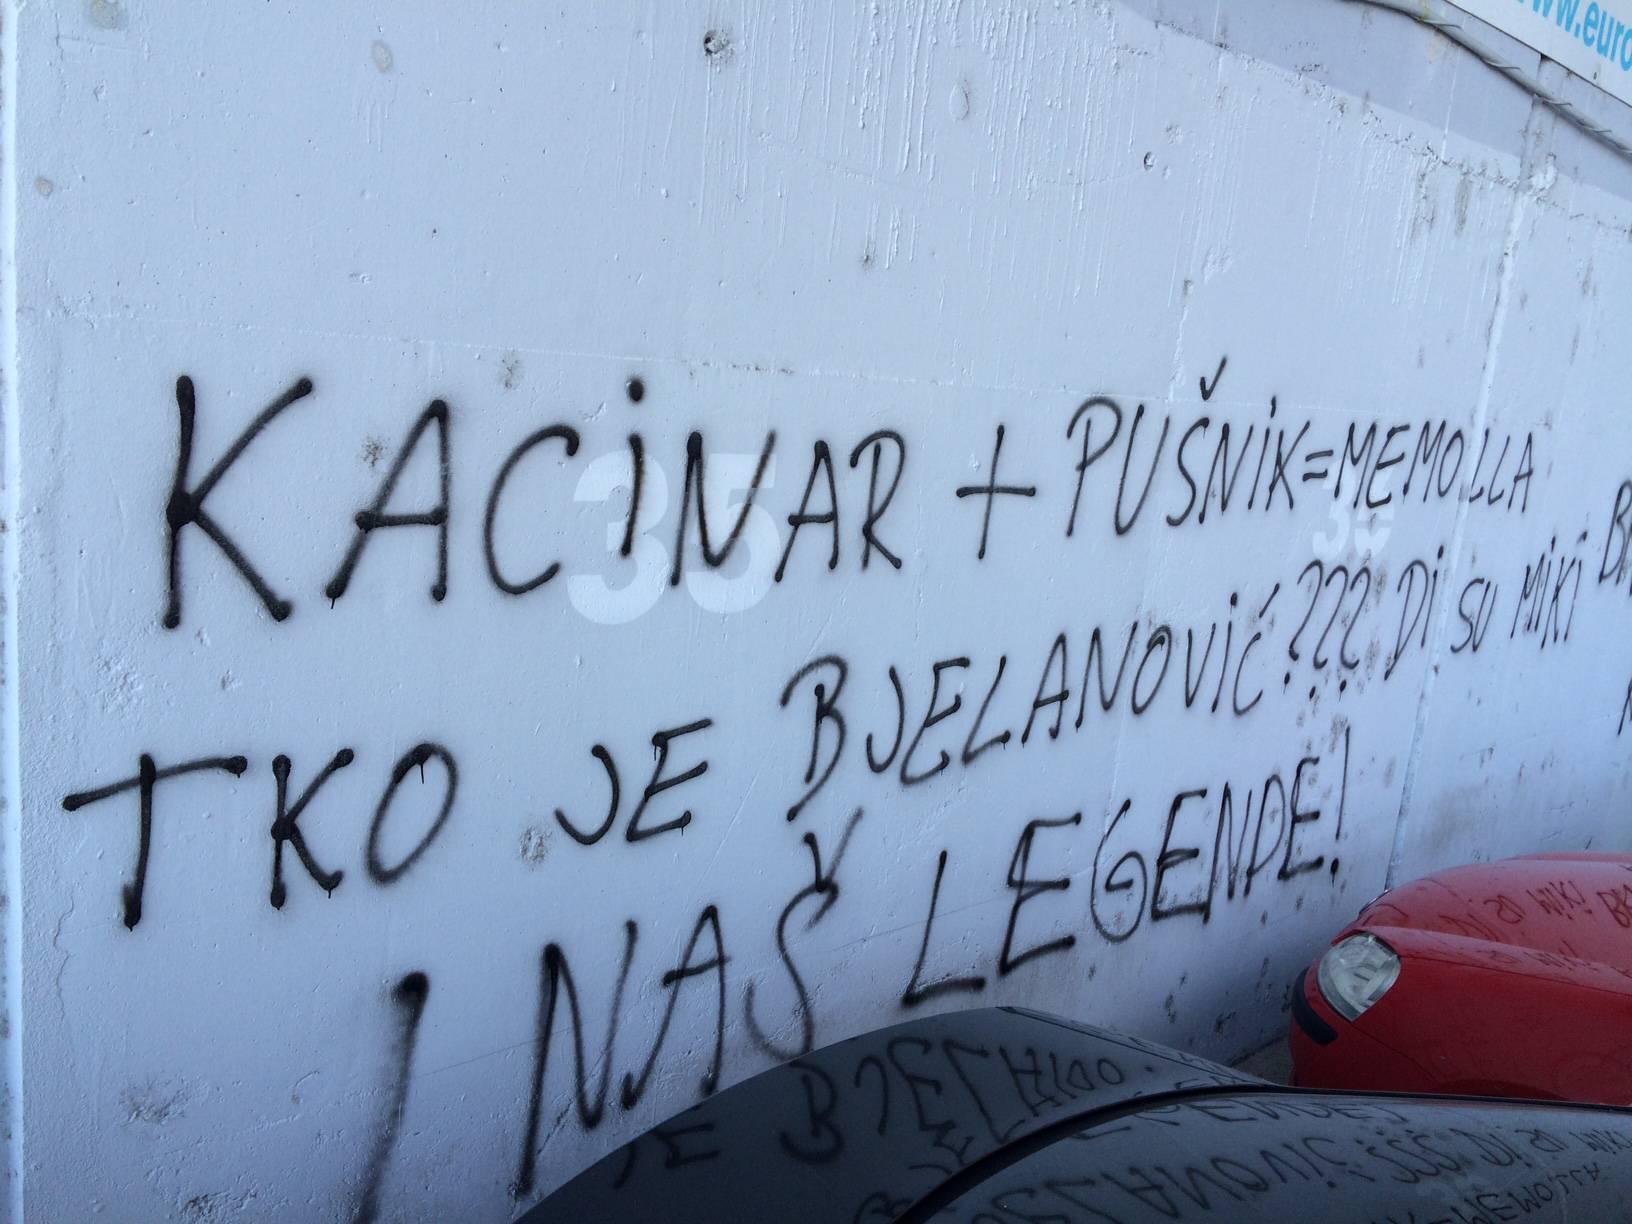 Uvredljivi grafiti na Poljudu: Tko je Bjelanović, di su legende